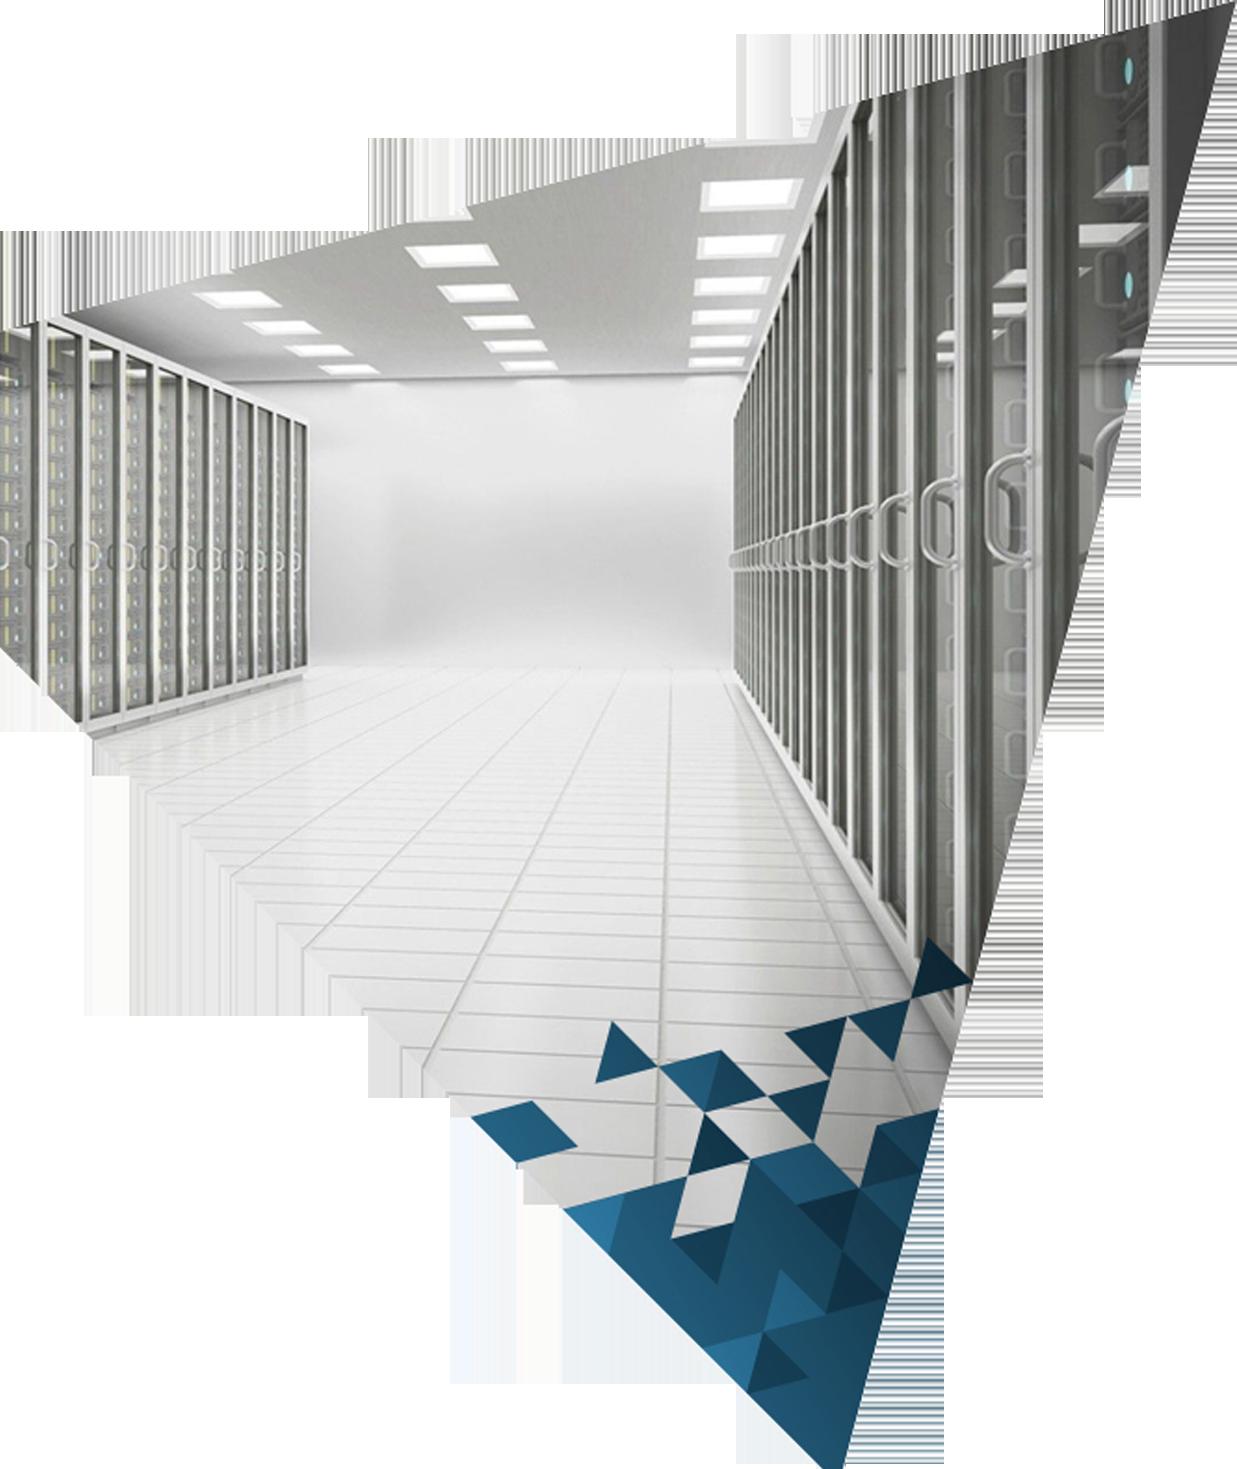 https://ticbcn.com/wp-content/uploads/2020/03/servidores-it.png